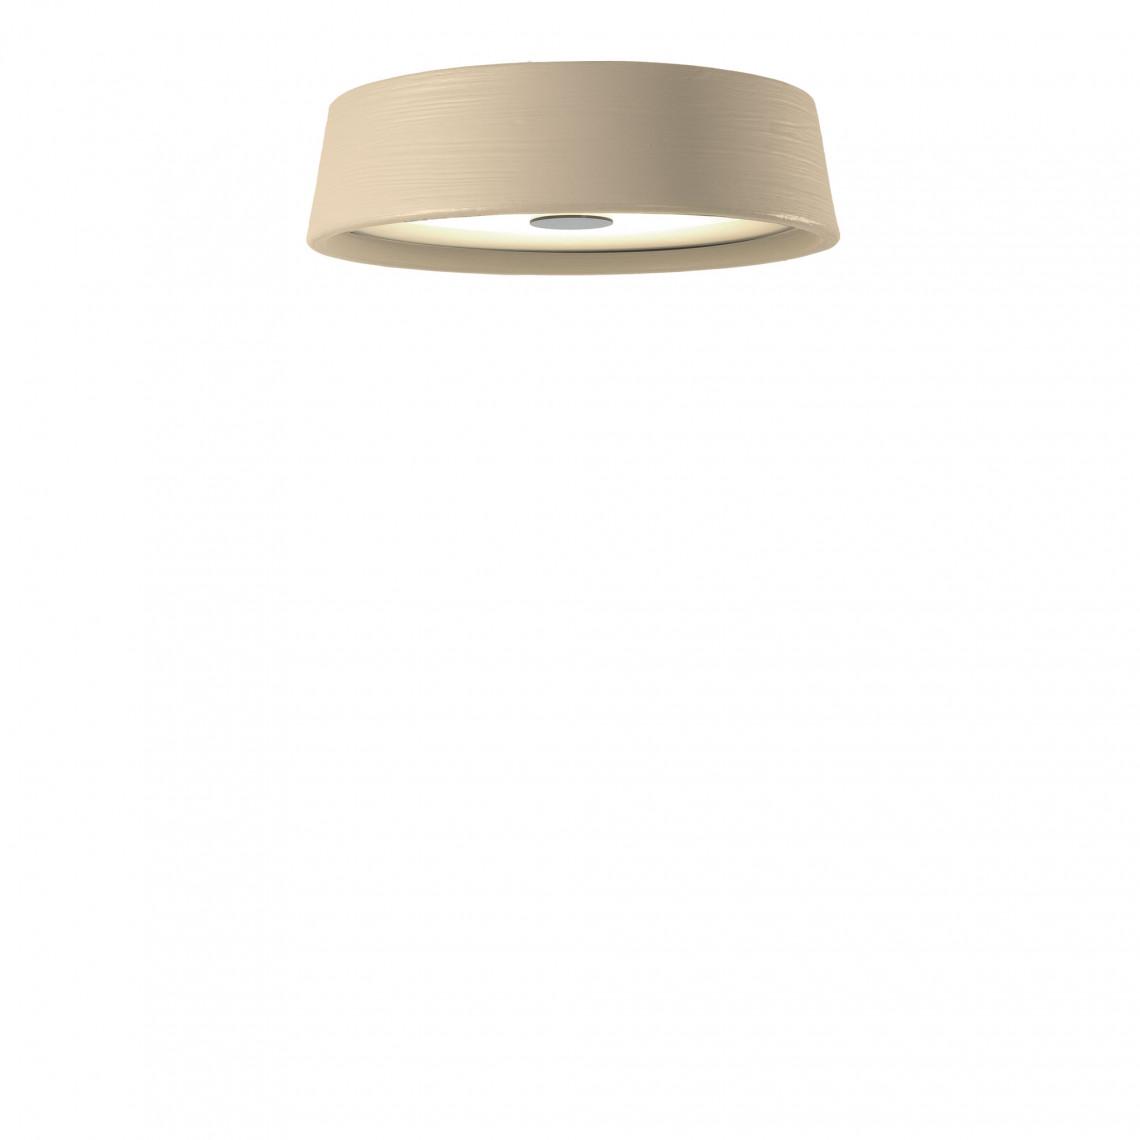 Soho C - Ceiling Lamp Sand